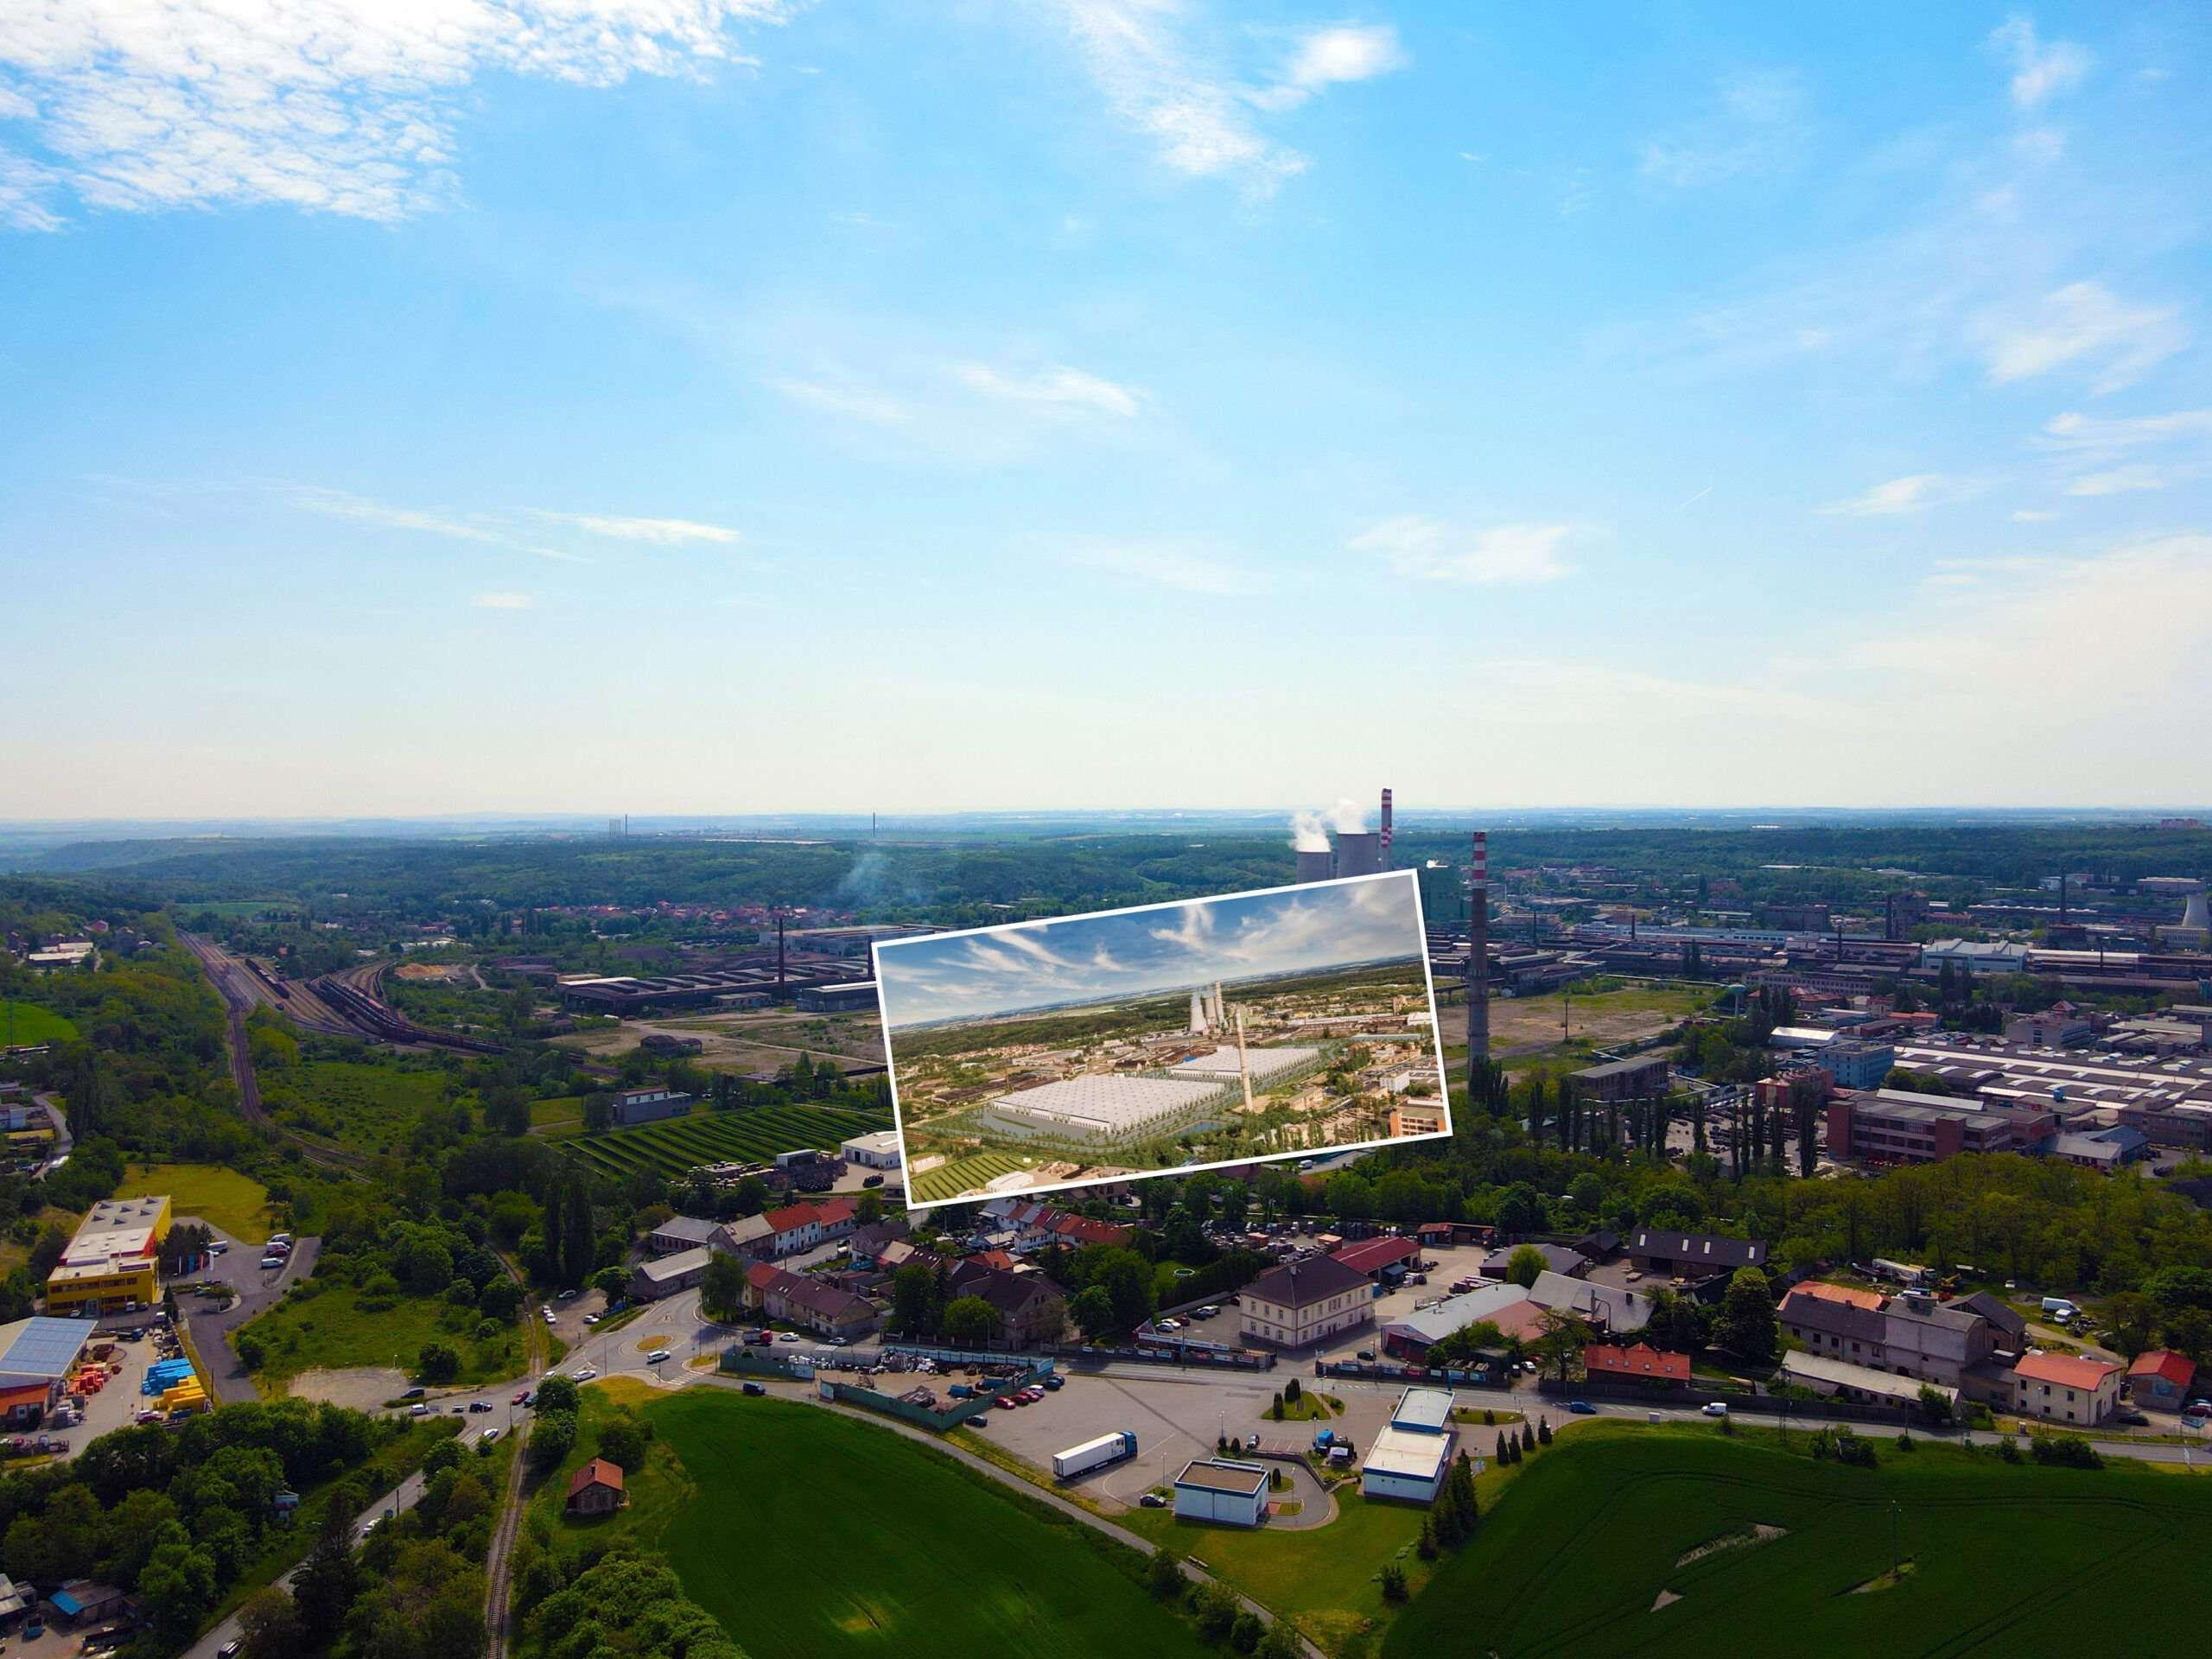 City Park – jeden z nejdůležitějších projektů který má Kladno před sebou